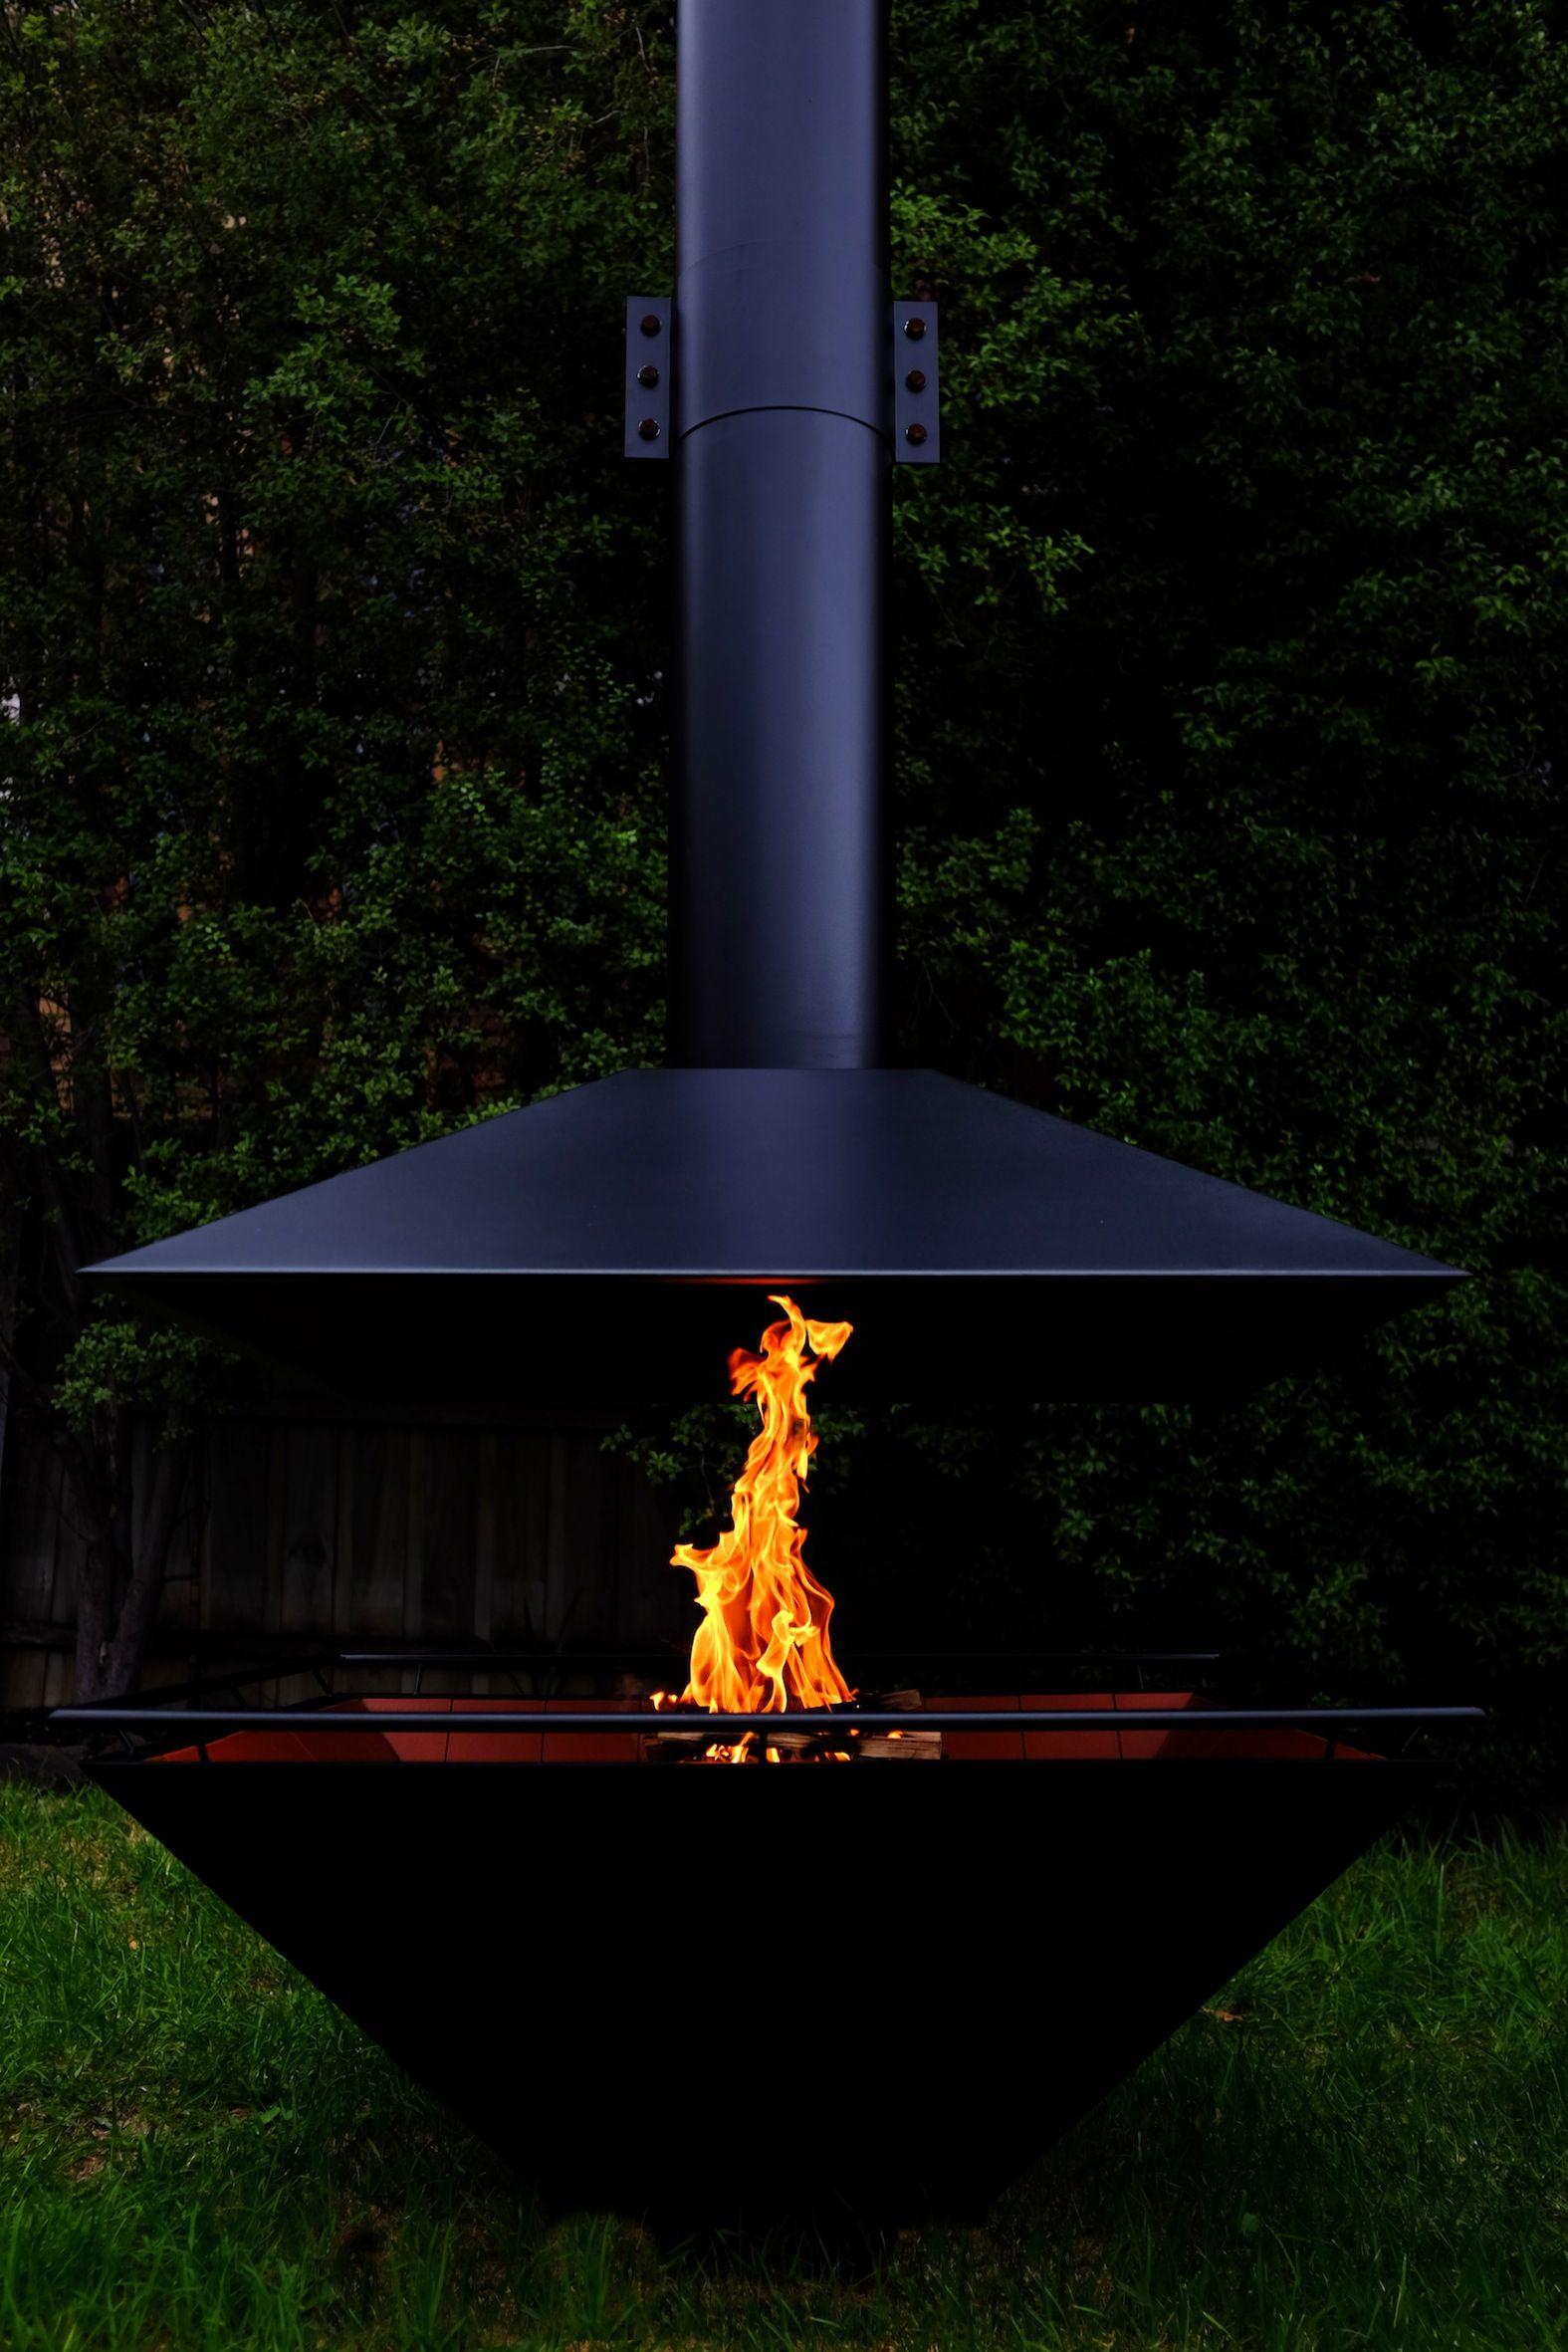 Outdoor Fireplace Estia Design Caminus 1100 Fire Pit Designs Outdoor Fireplace Contemporary Outdoor Fireplaces